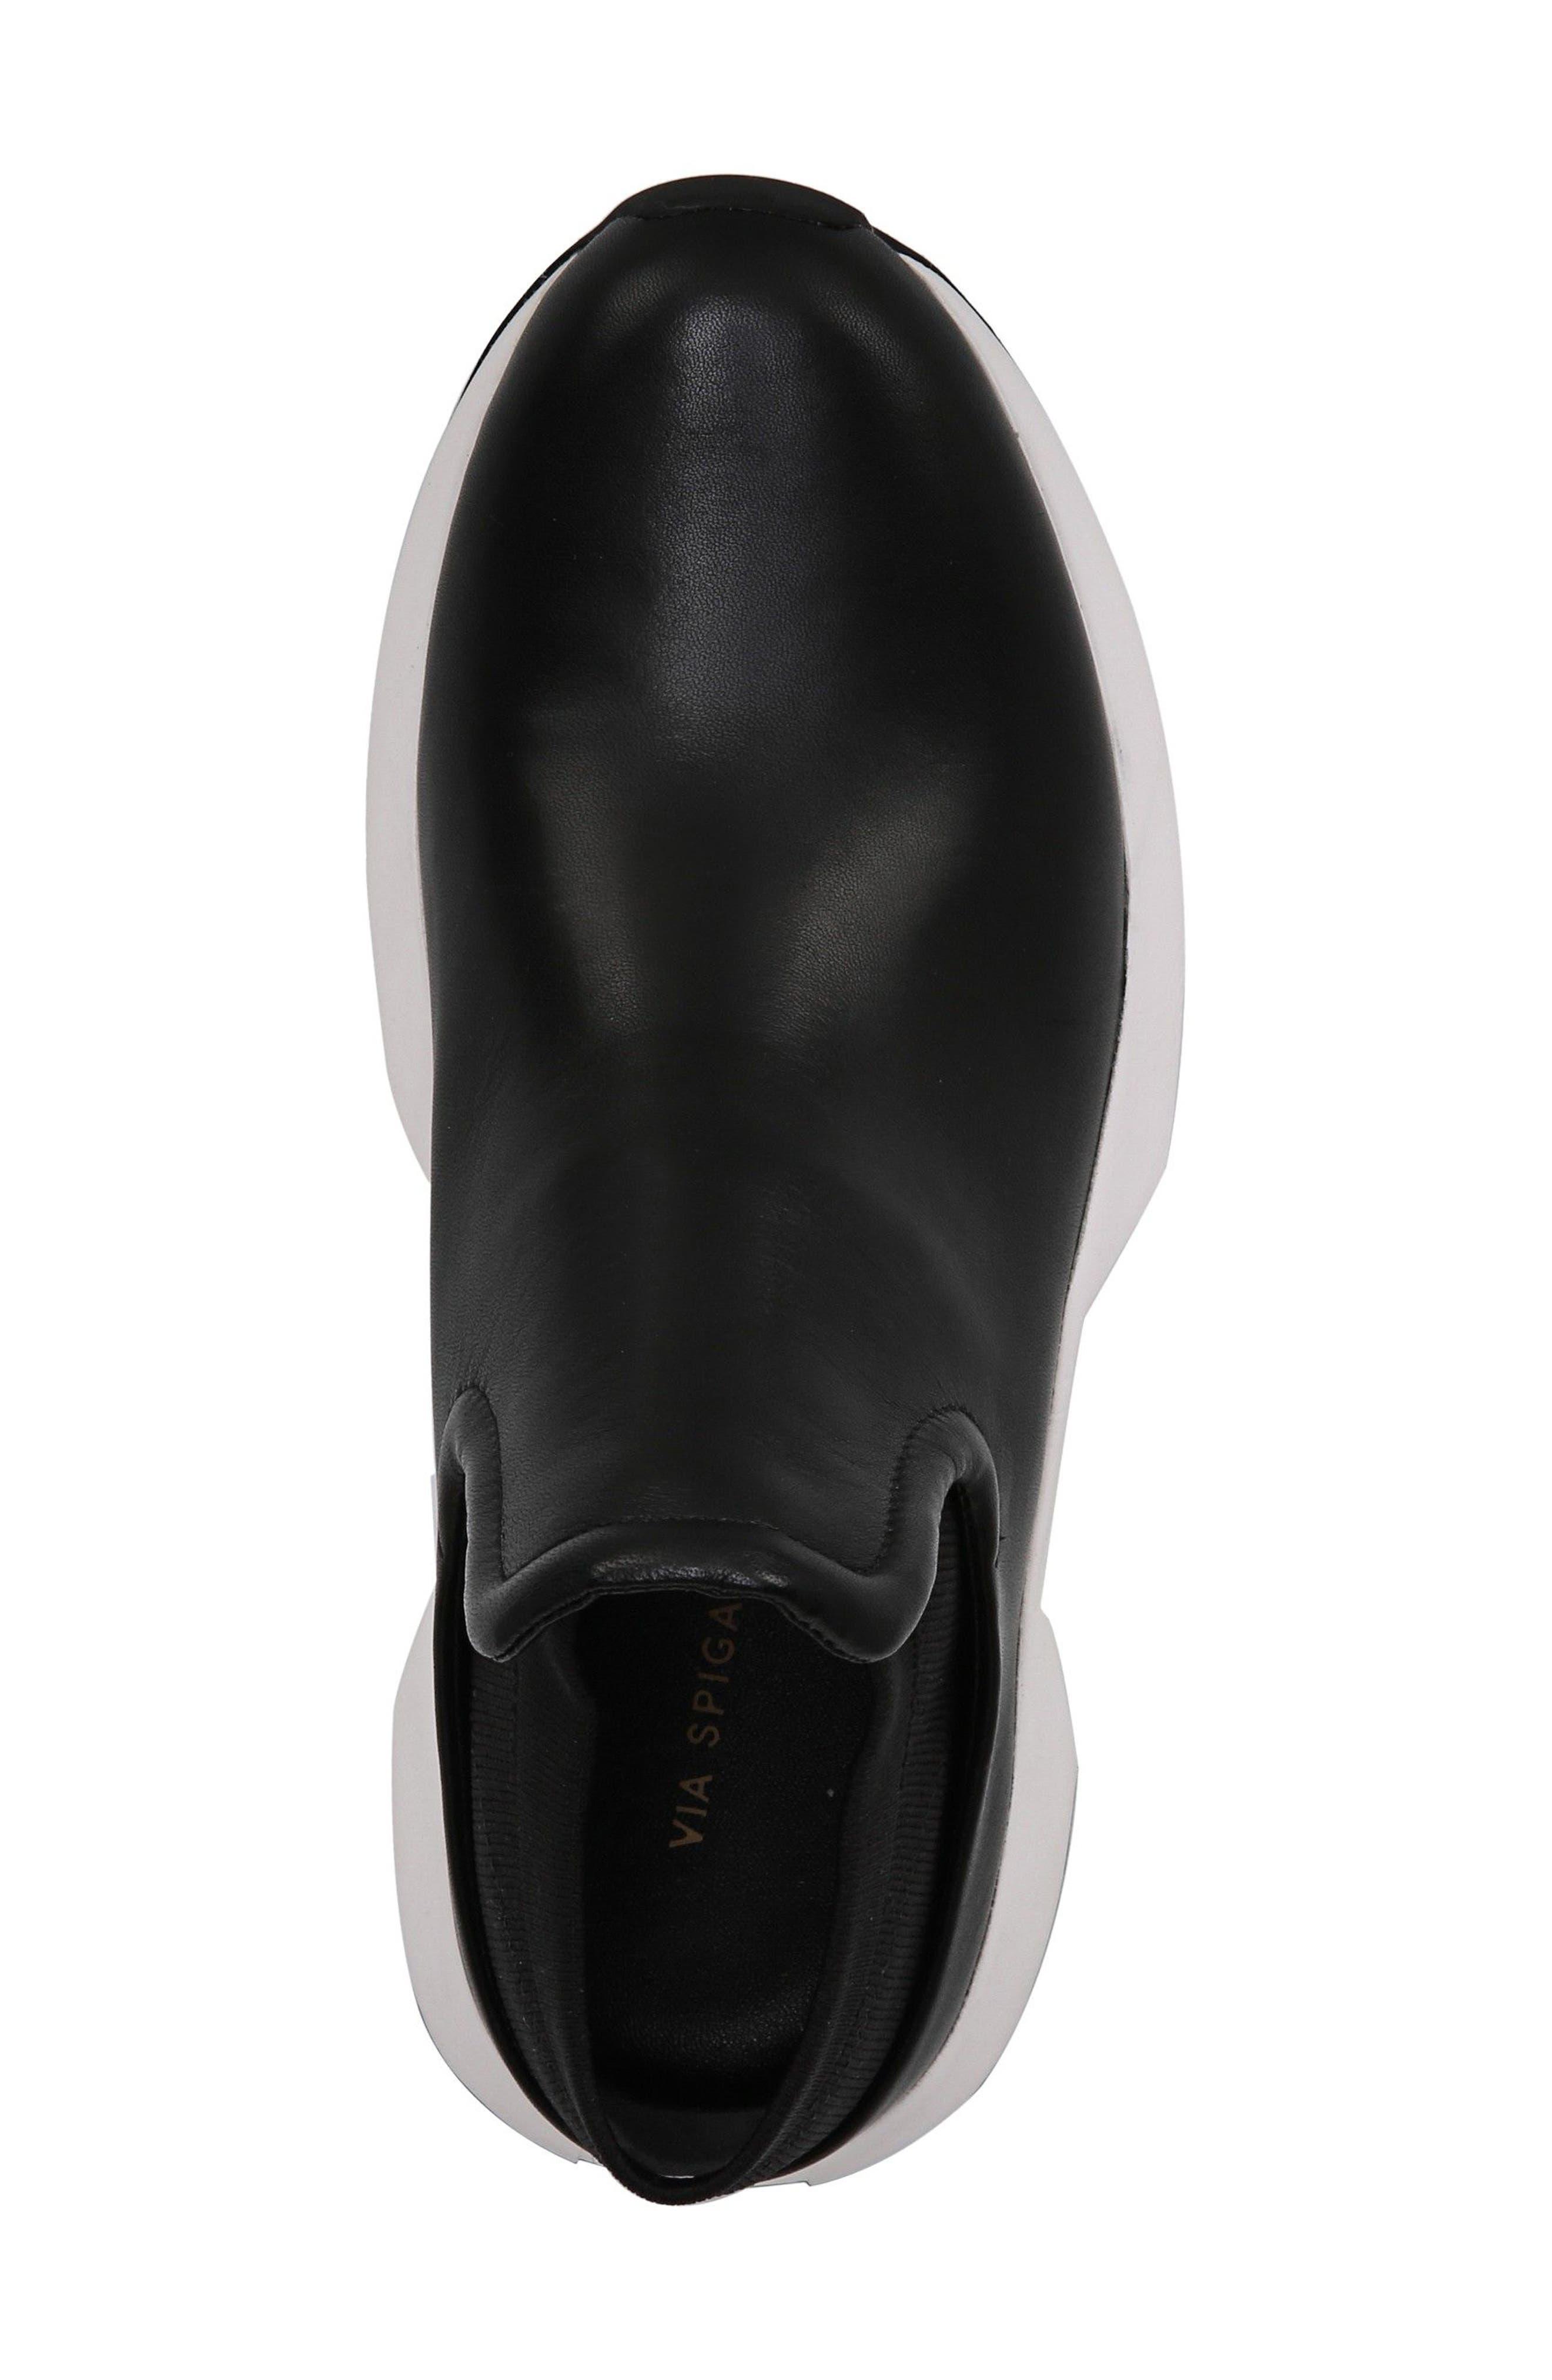 Veila Slip-On Sneaker,                             Alternate thumbnail 5, color,                             Black Leather